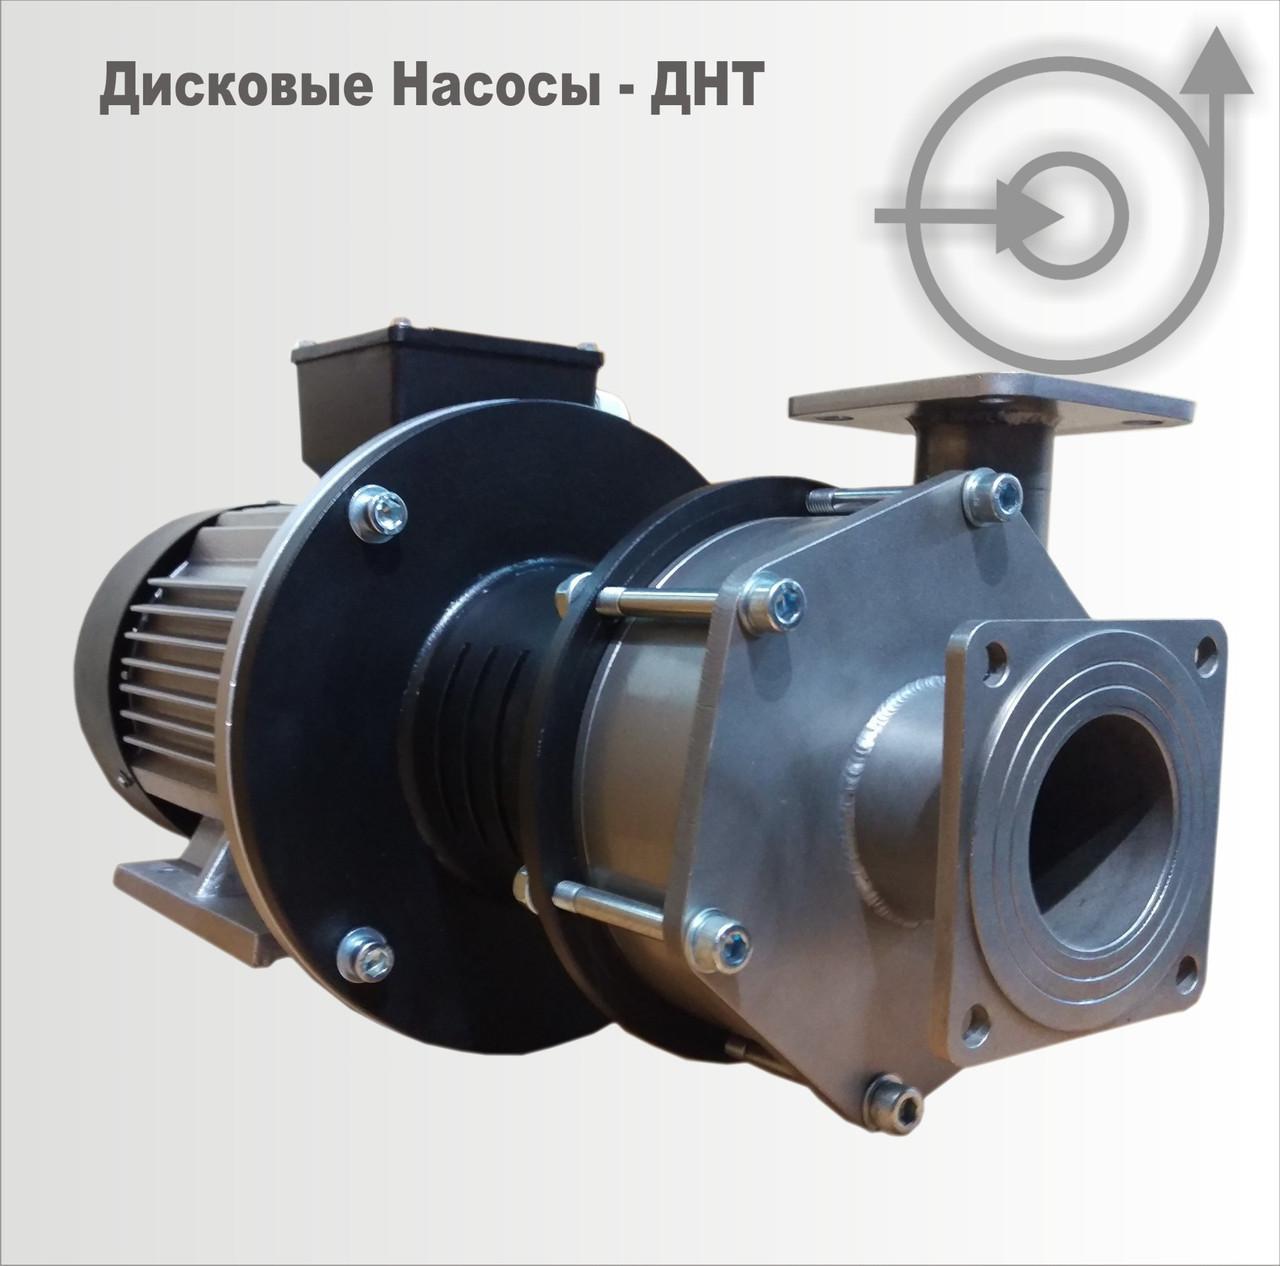 Дисковый насос ДНТ-М 230 50-30 ТУ нержавеющая сталь